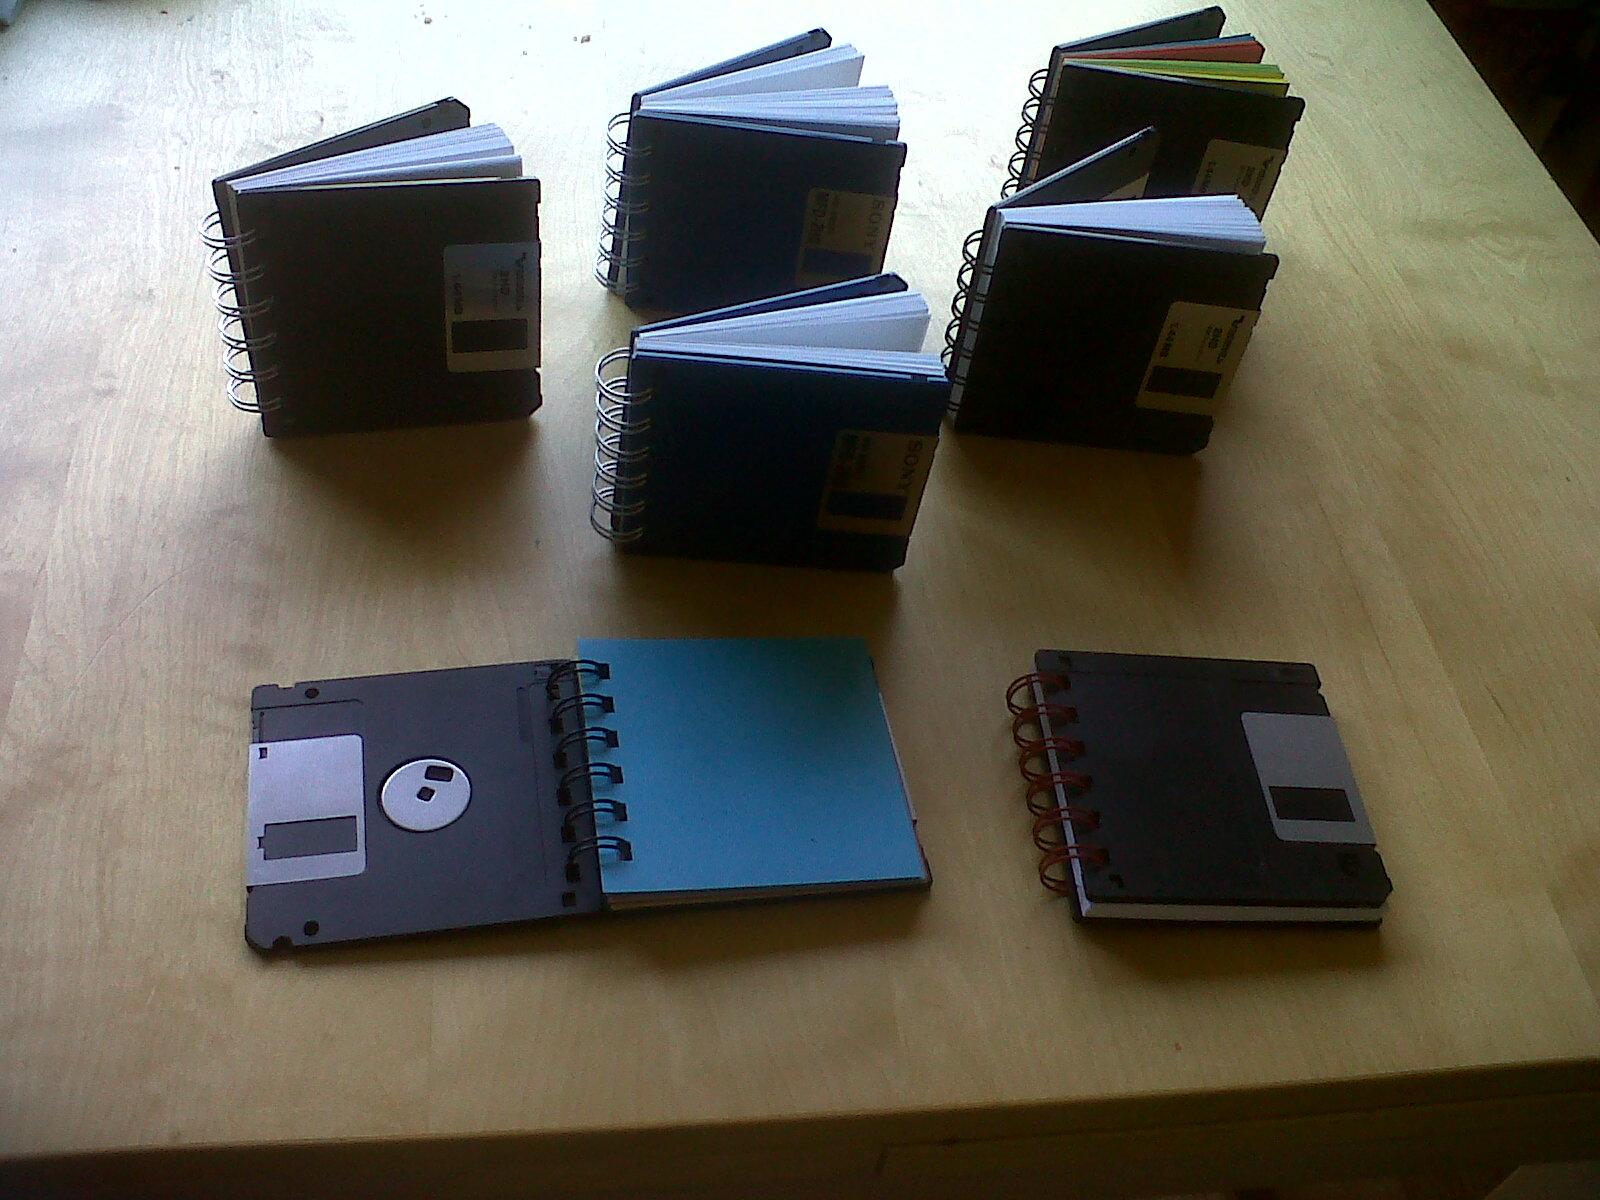 floppy-disk-notebooks_0